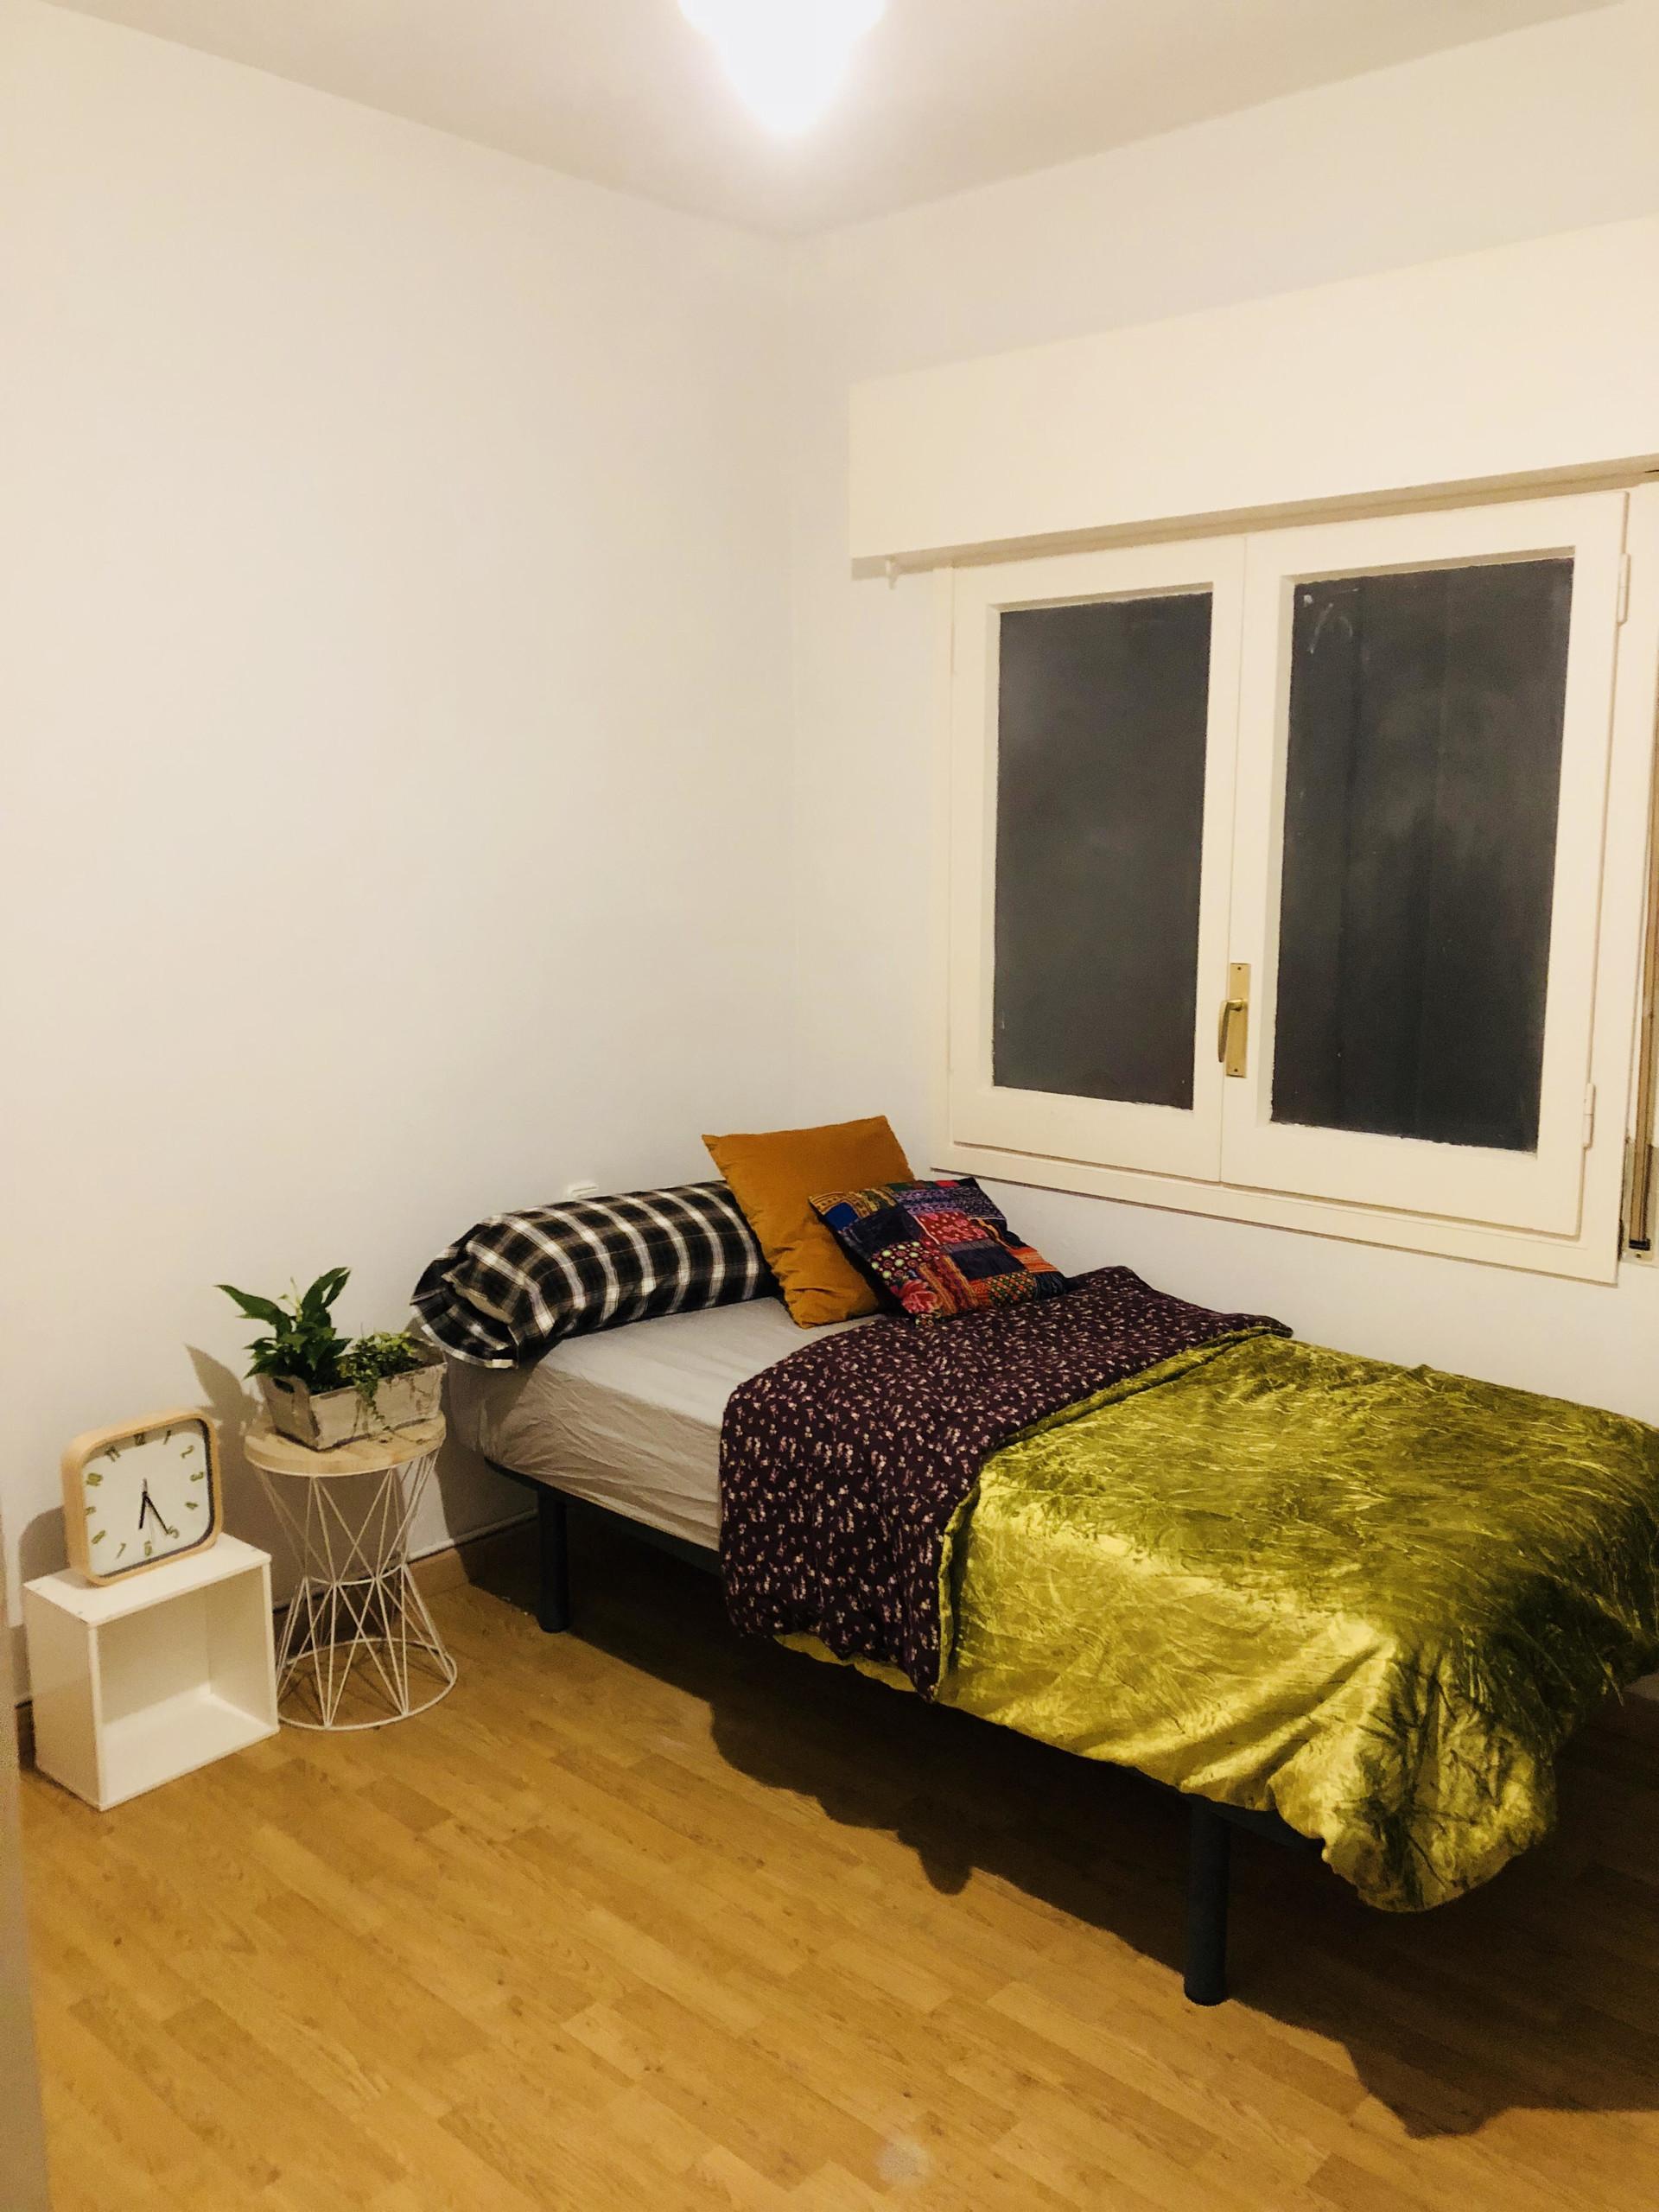 Habitaci n individual en piso compartido alquiler Alquiler de habitacion en piso compartido